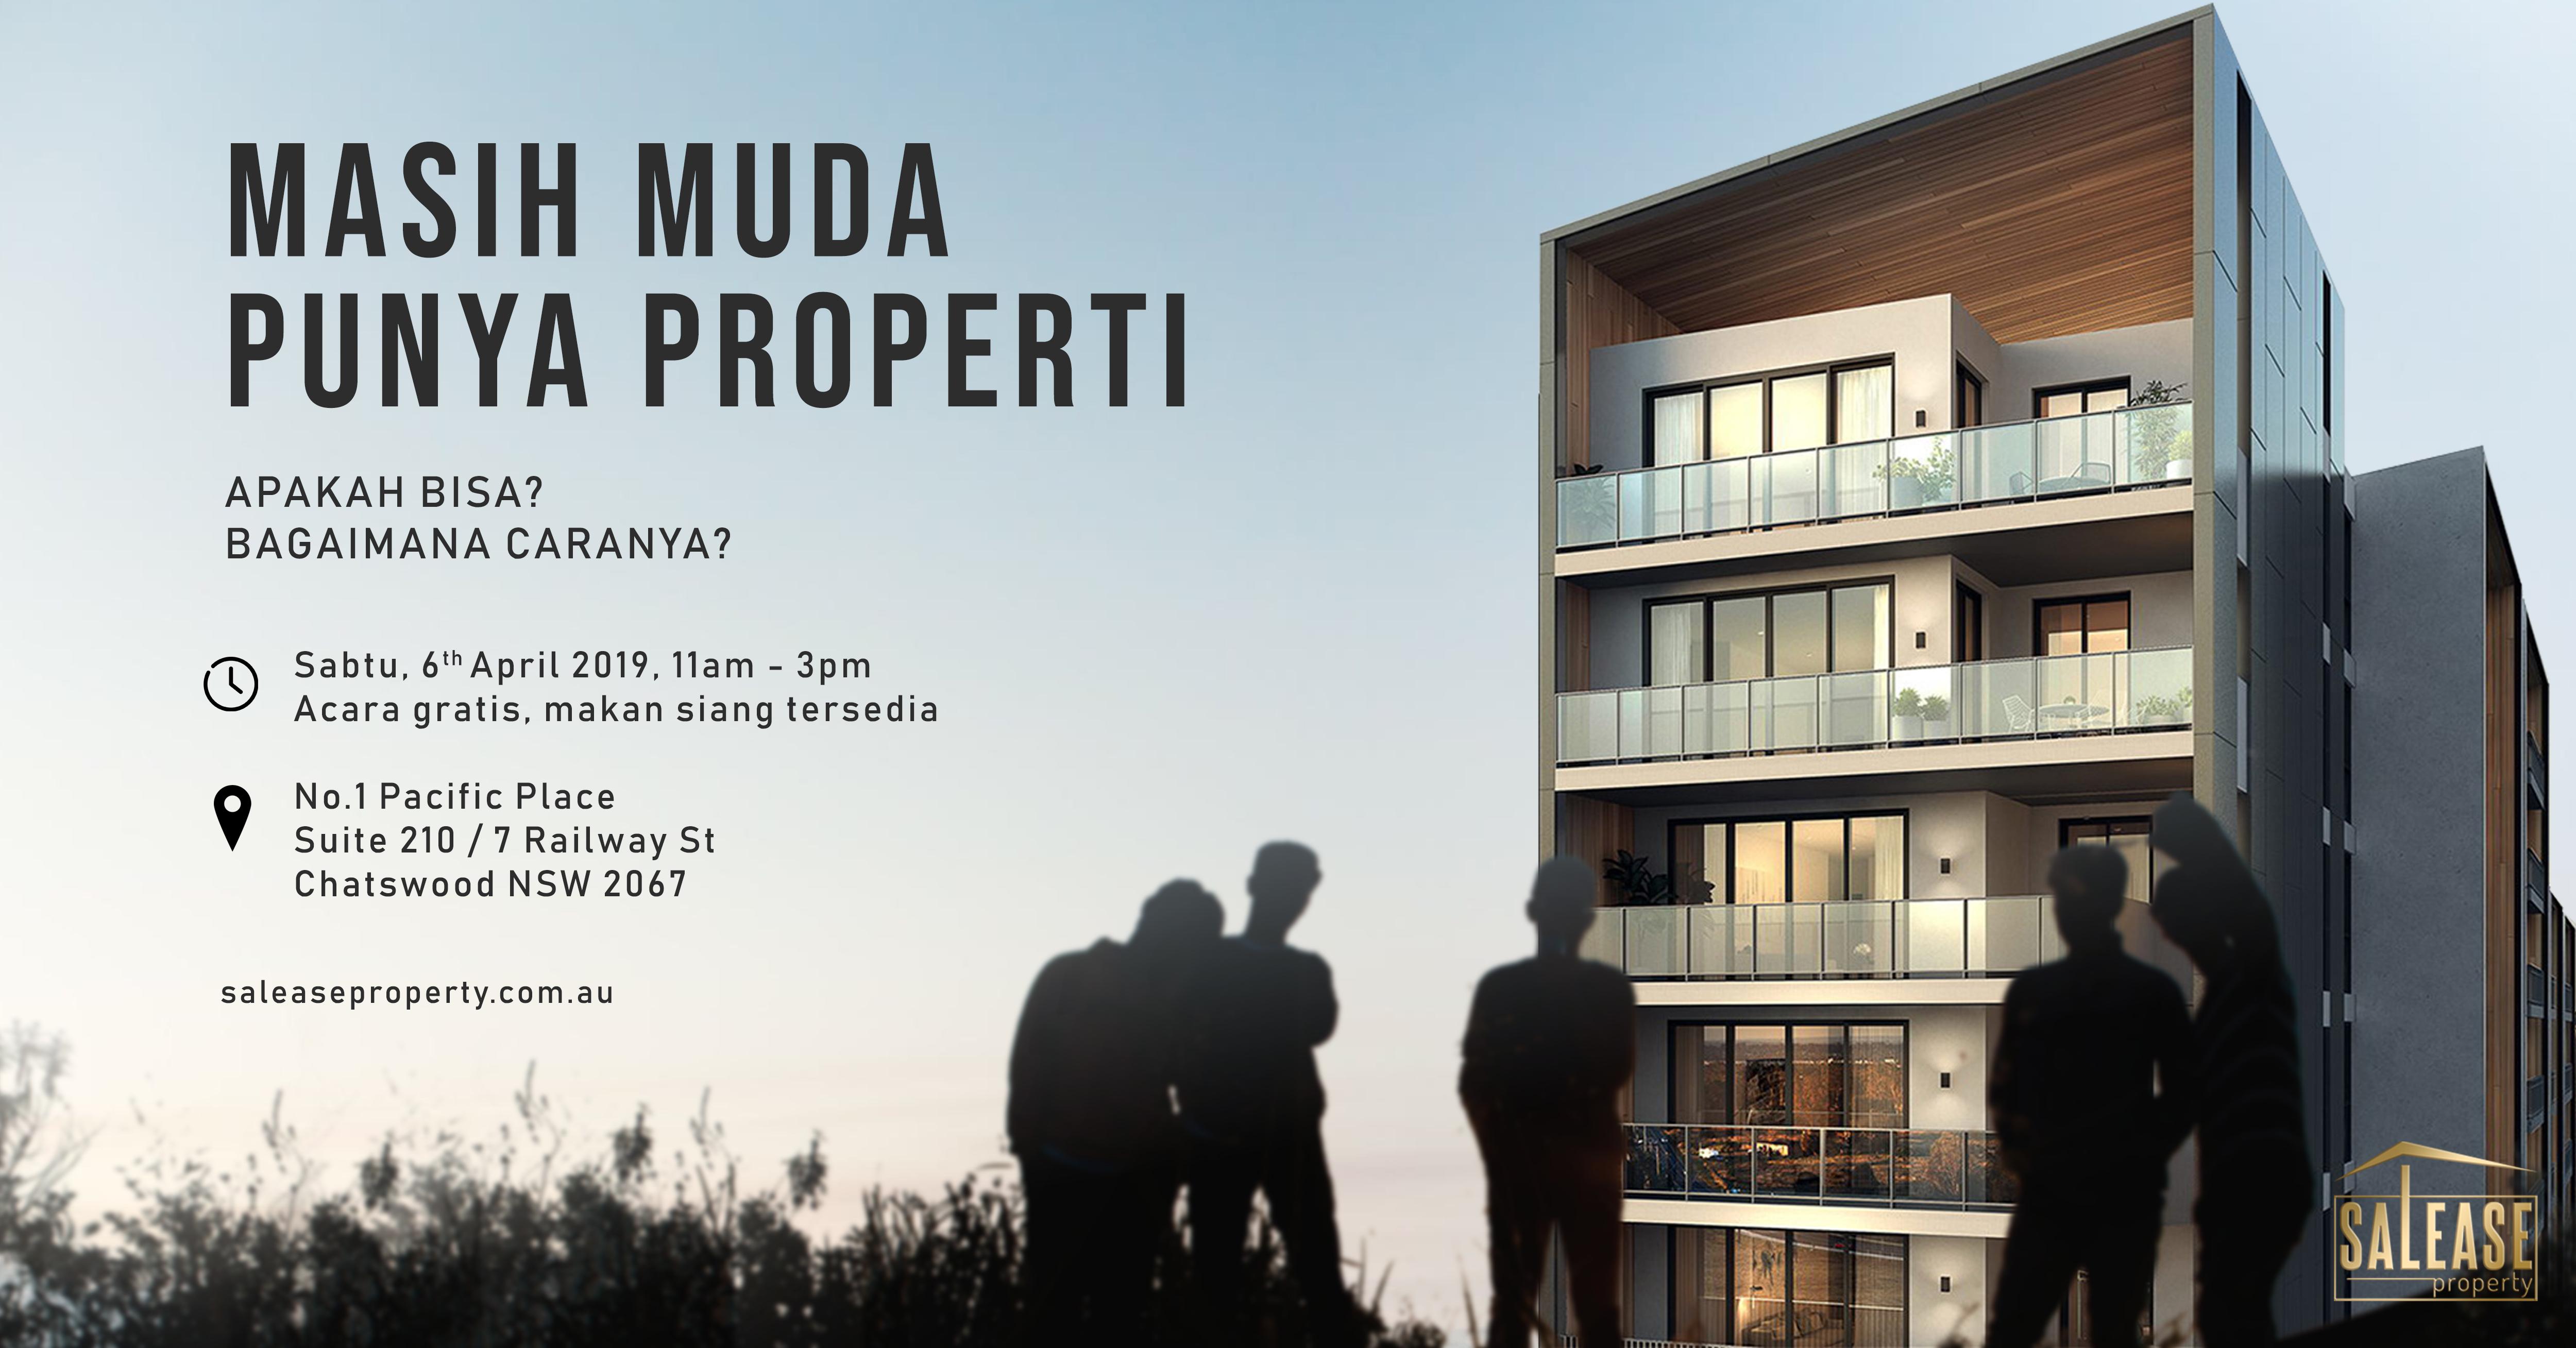 Salease Property